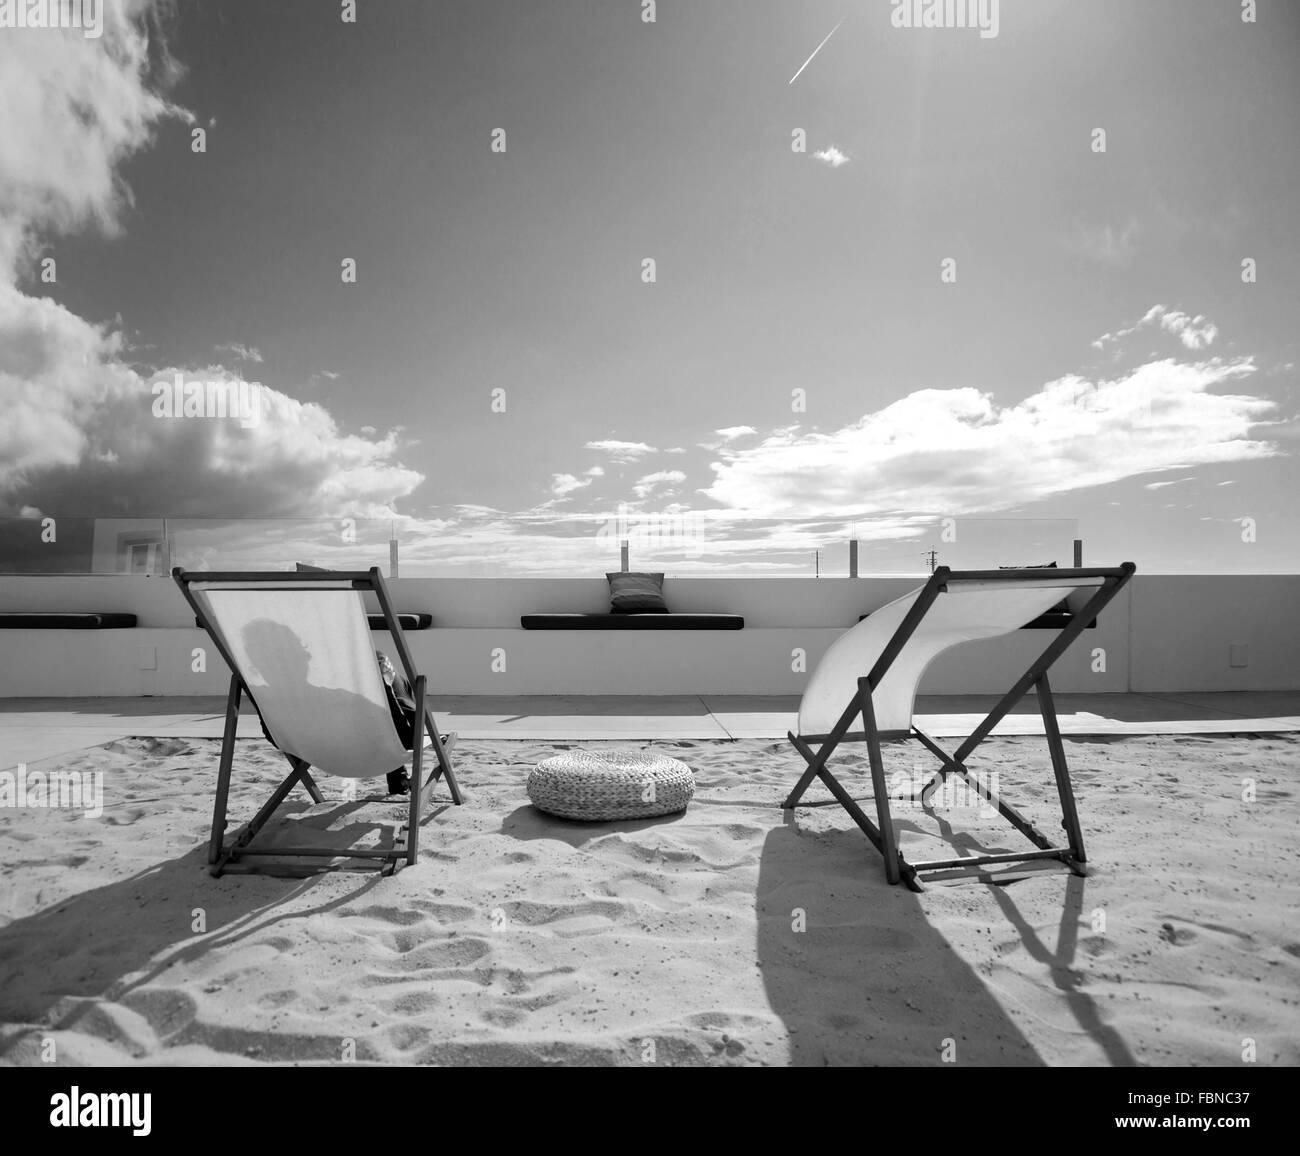 Des transats sur le sable contre ciel nuageux sur Sunny Day Photo Stock